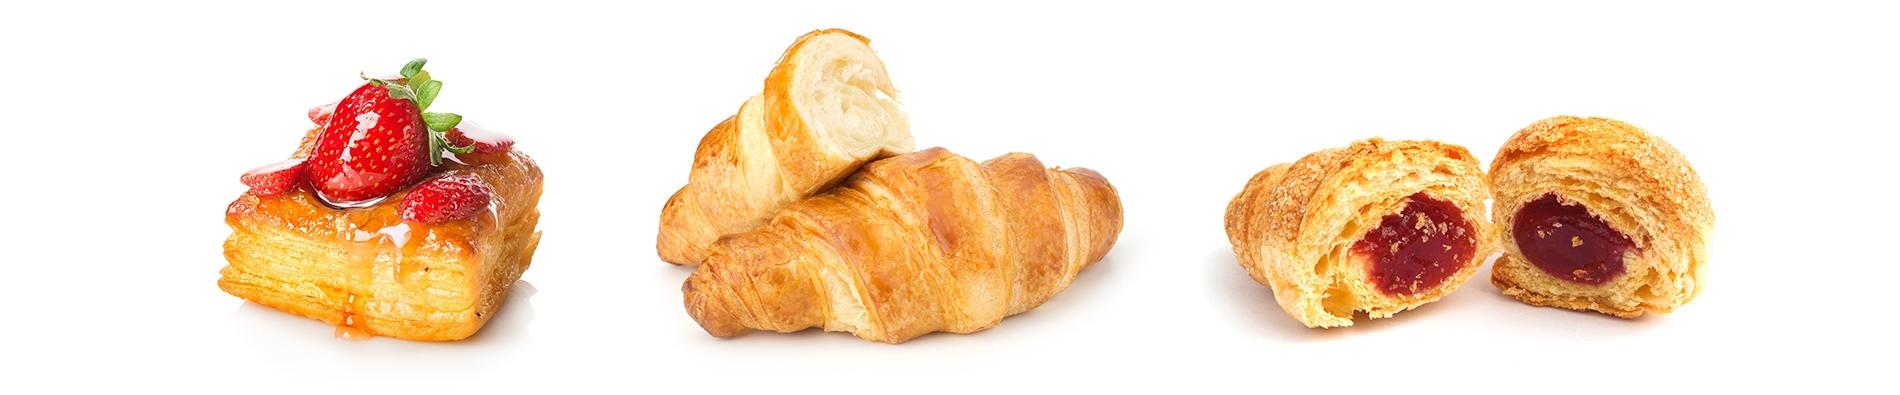 dolcelinea banner surgelato dolce croissant 2